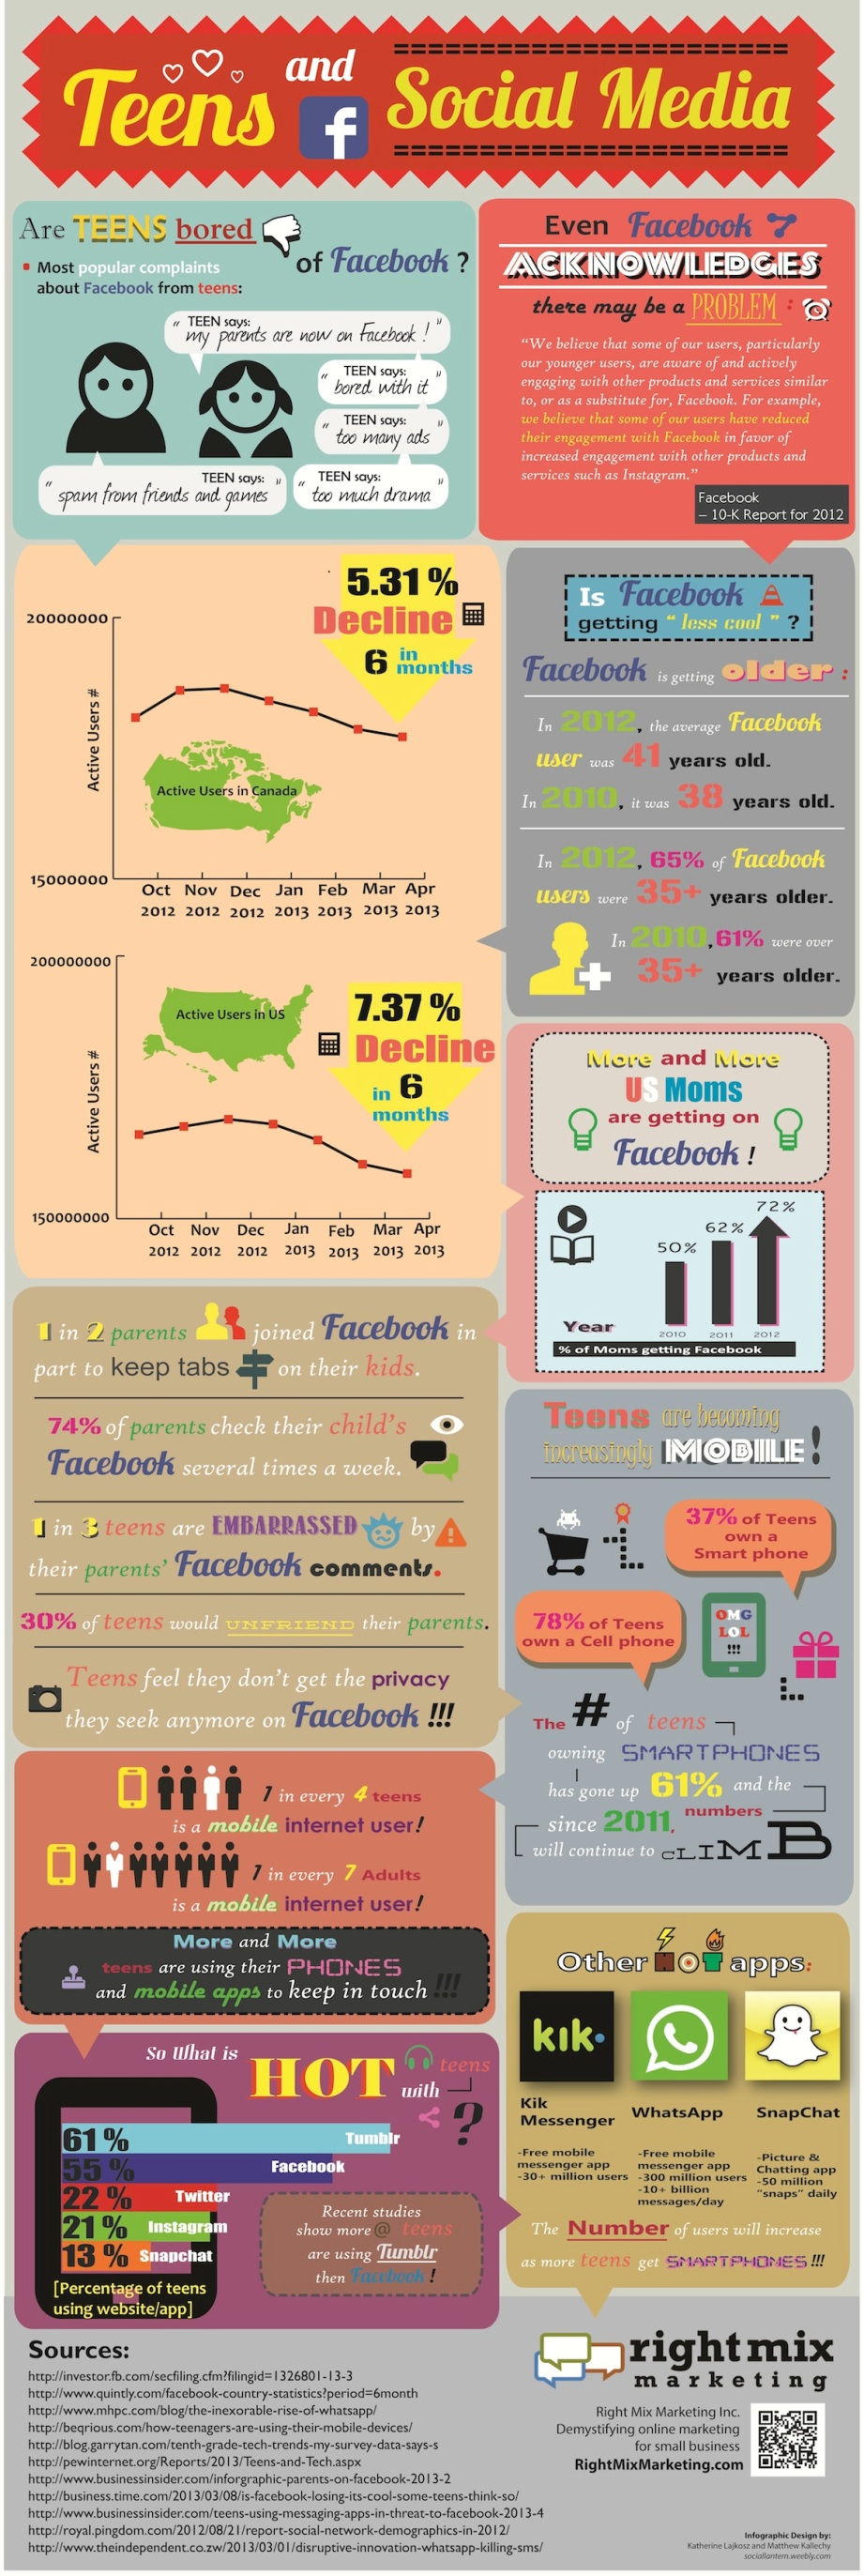 Teens-Facebook-Social-Media (2)